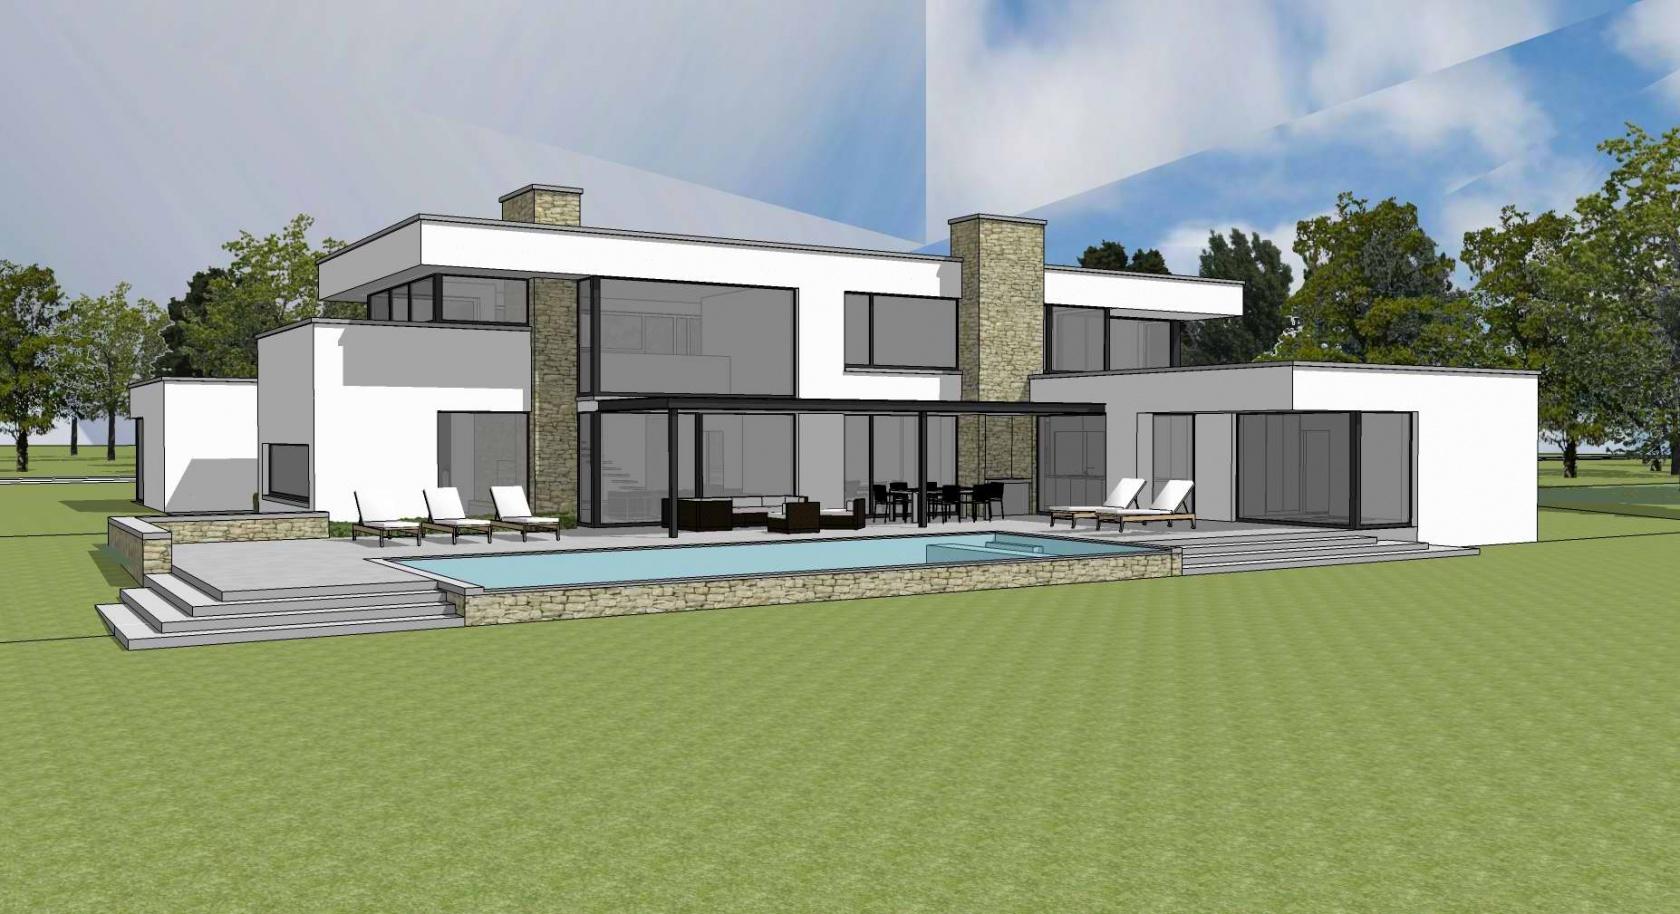 samuel noirhomme architecte liege bureau d 39 architecture. Black Bedroom Furniture Sets. Home Design Ideas